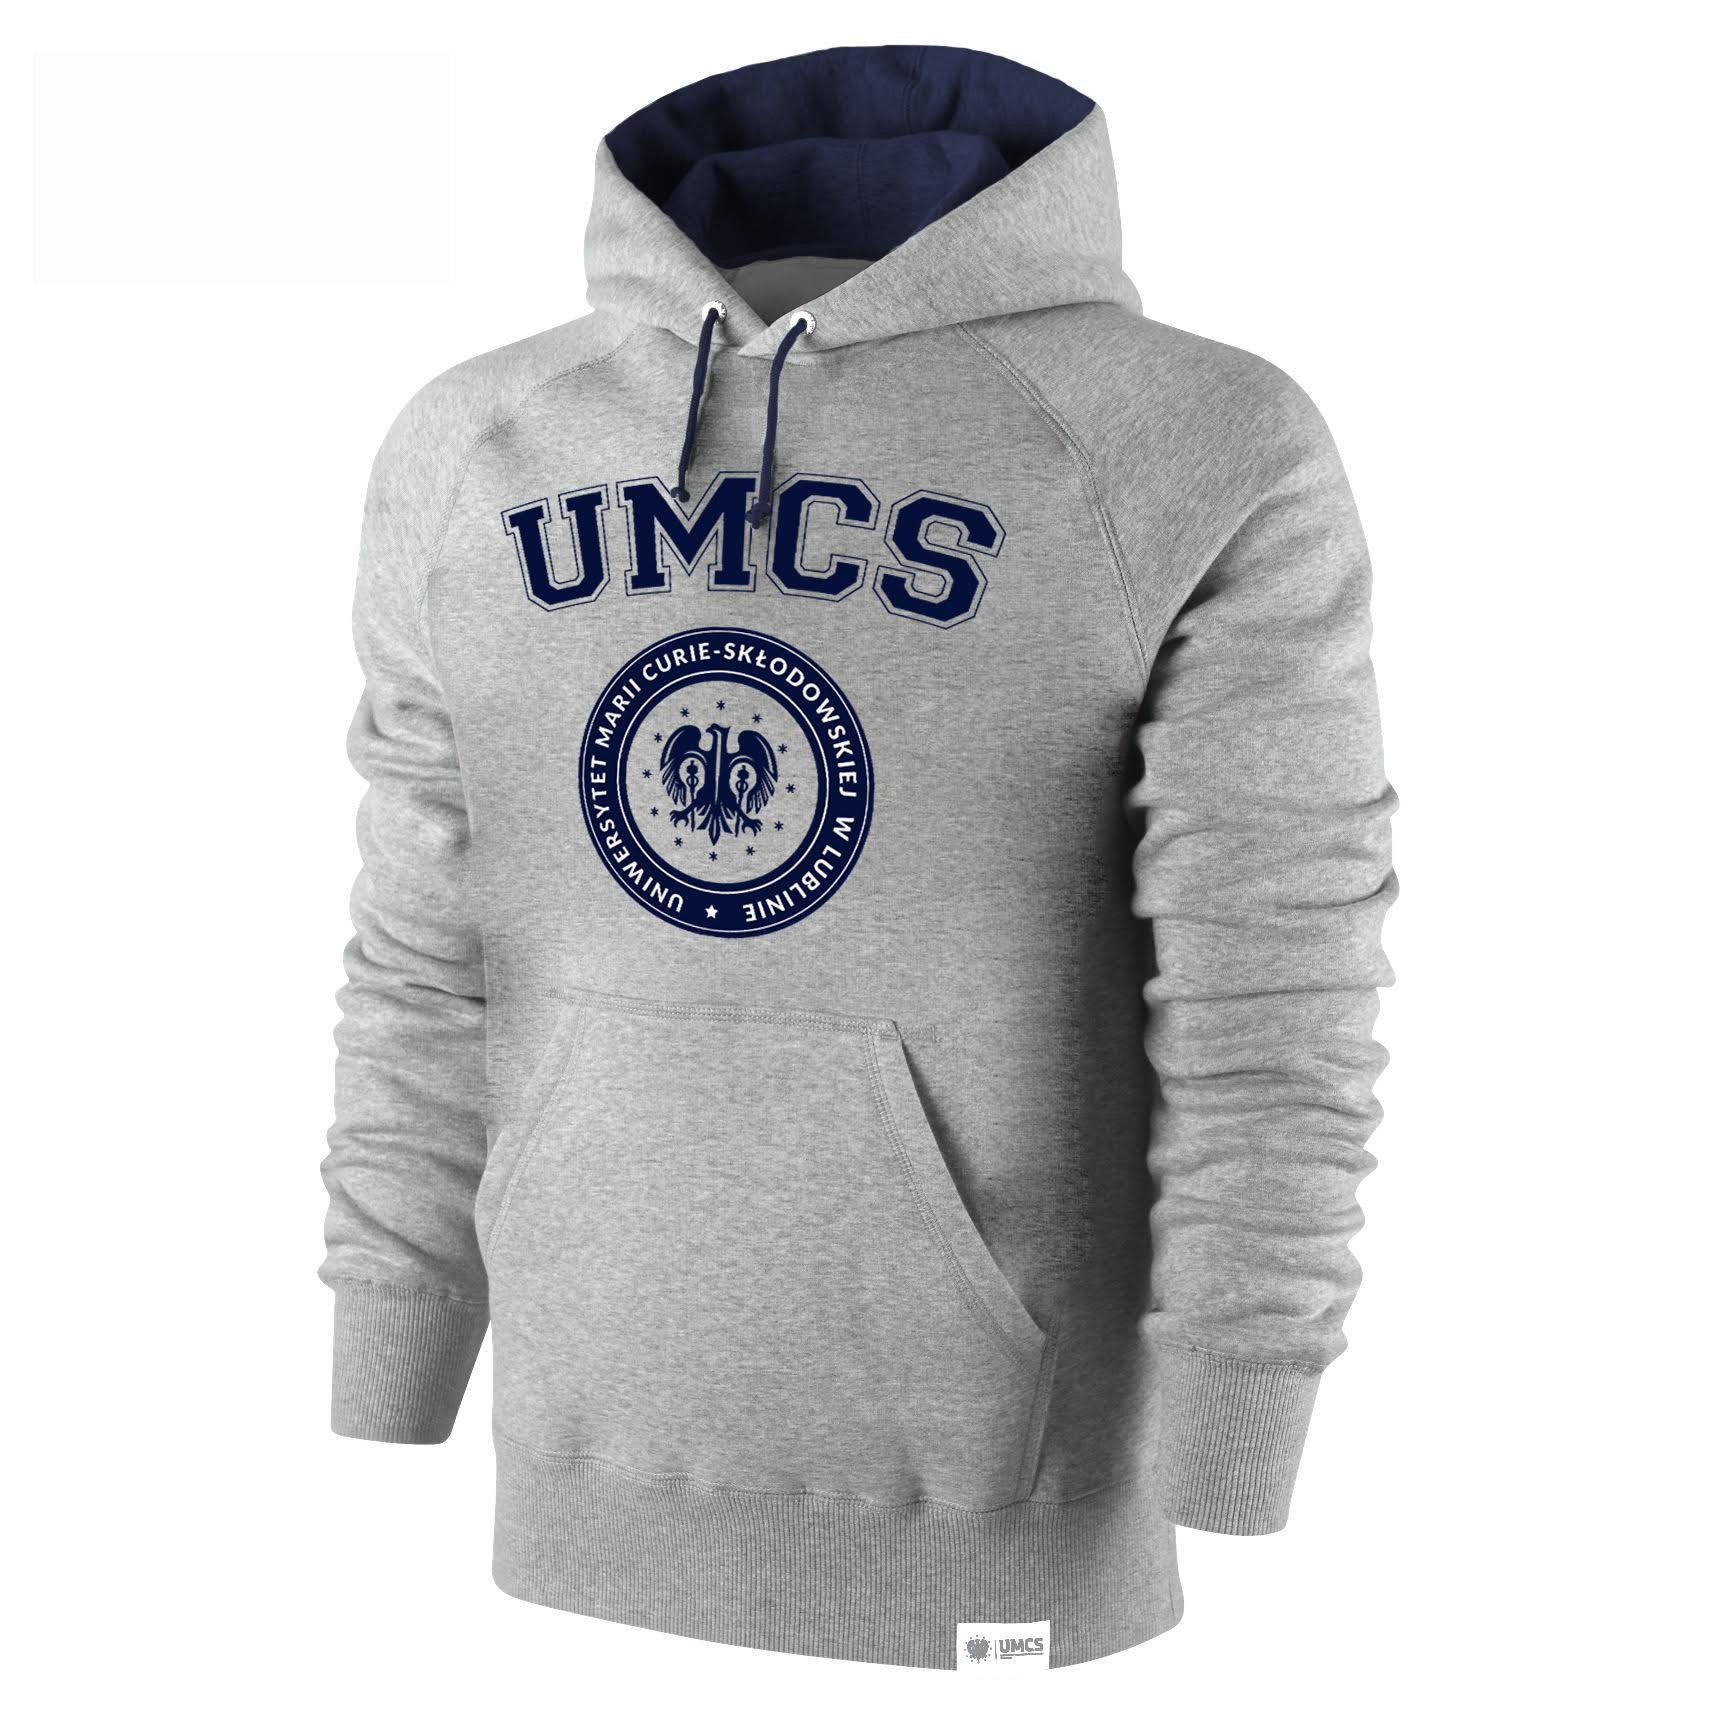 06ffb231 BLUZY UMCS - ostatnie sztuki - Fundacja Absolwentów UMCS